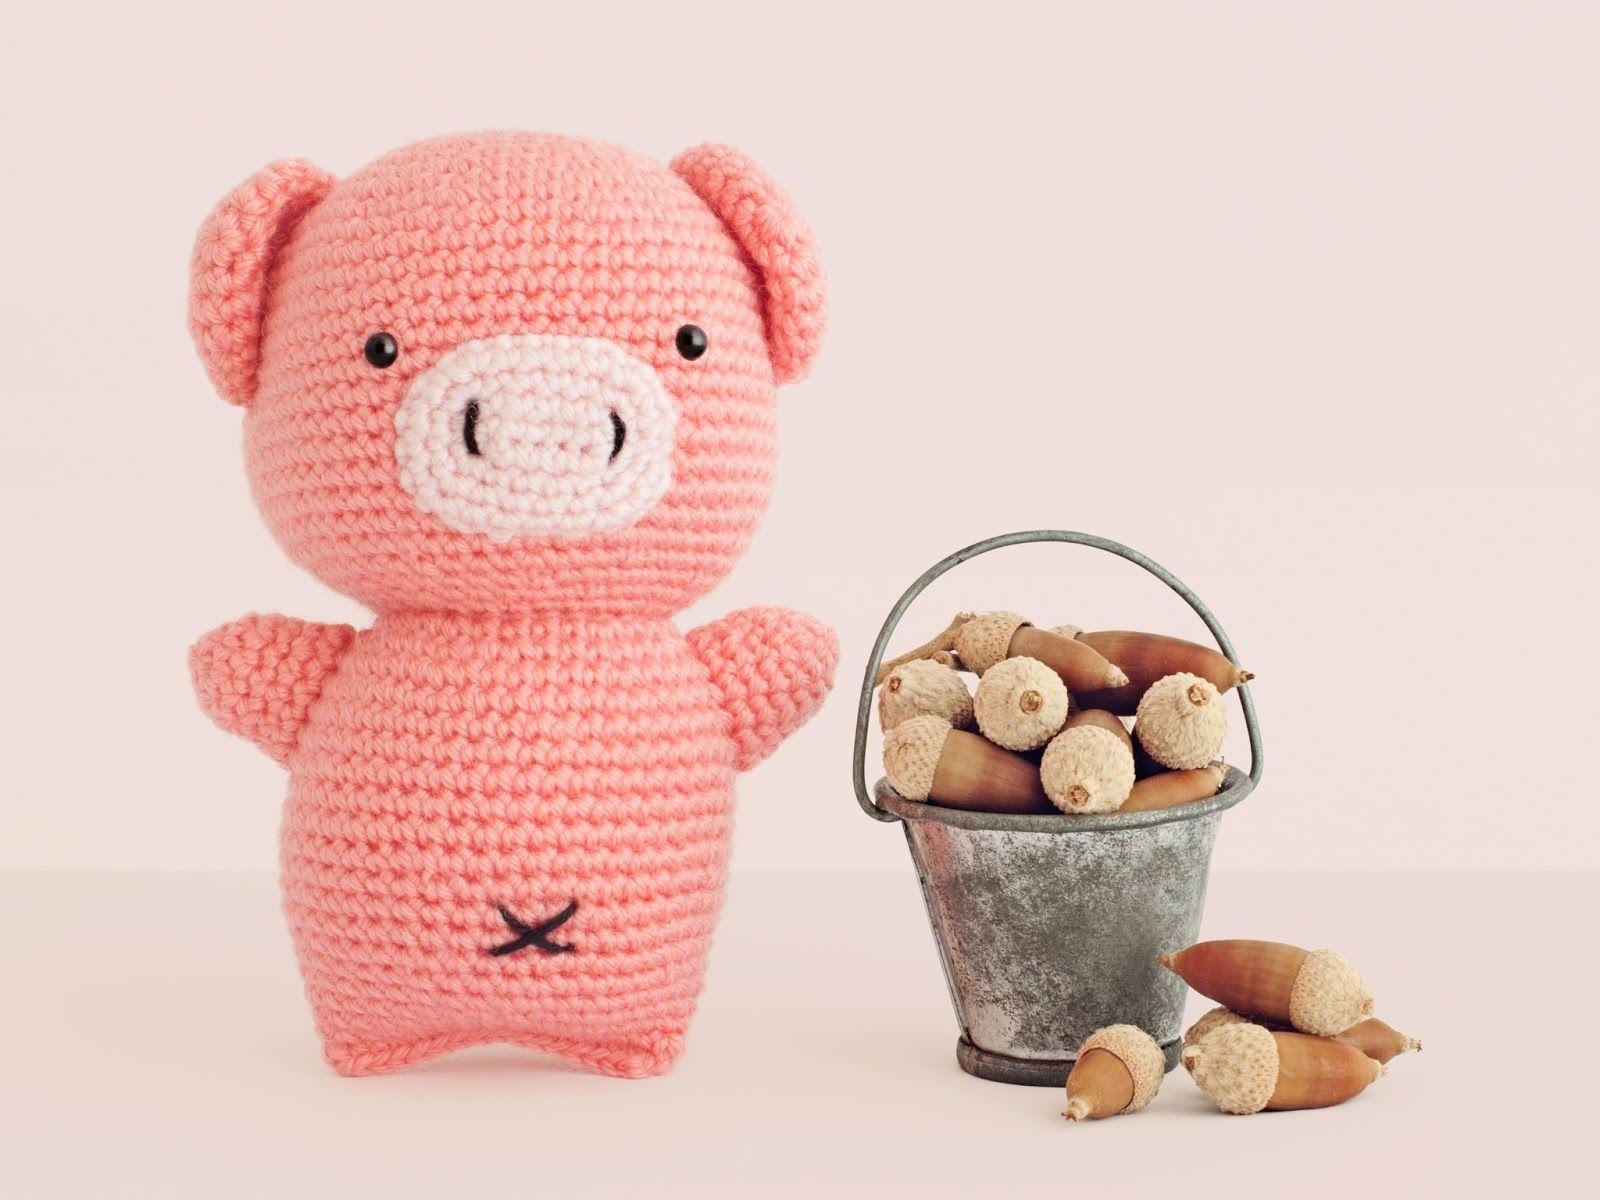 Amigurumi cerdo (enlace a patrón gratis) | Amigurumis PequiCosas ...